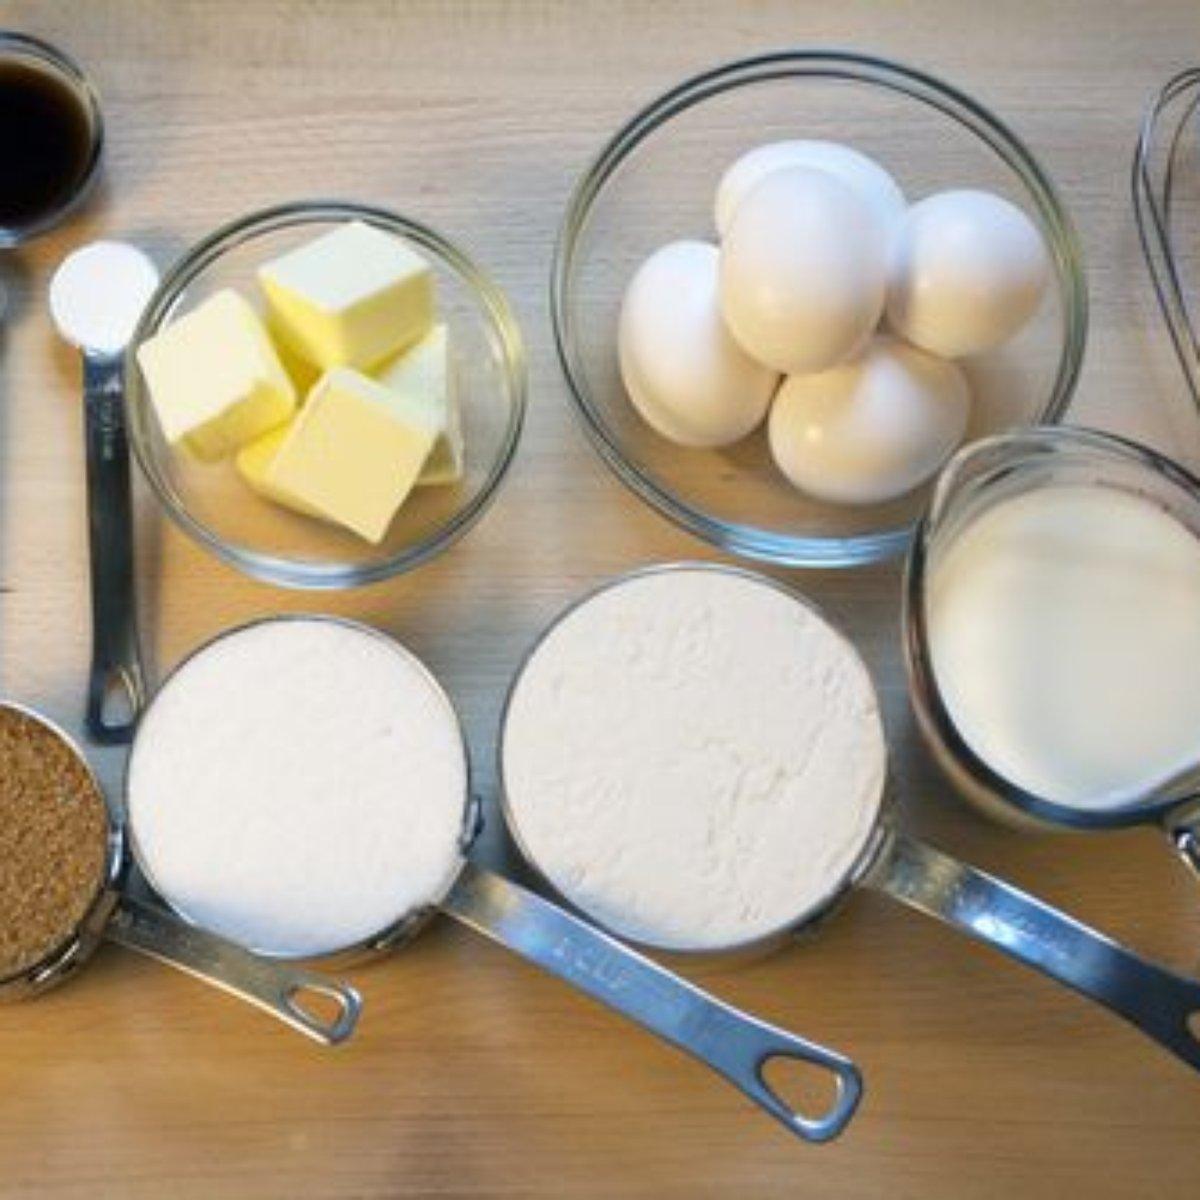 Tabela De Equivalencia Culinaria Para Liquidos Acucar E Farinha